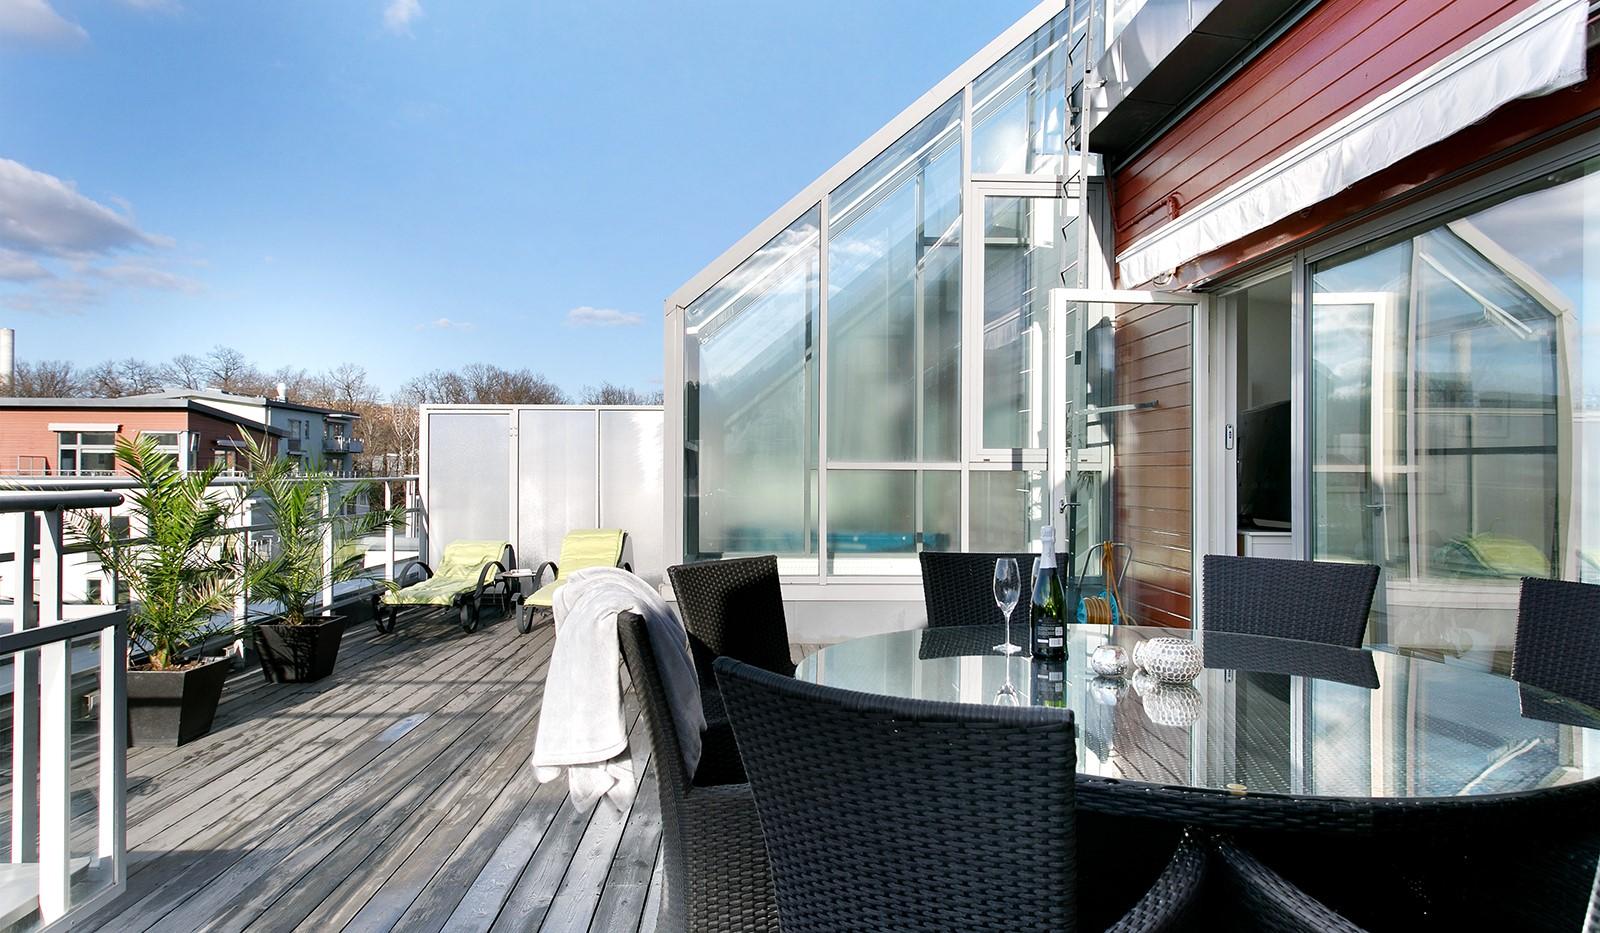 Sickla Kanalgata 64, vån 4 & 5 - Stor terrass om ca 45 kvm i soligt västerläge